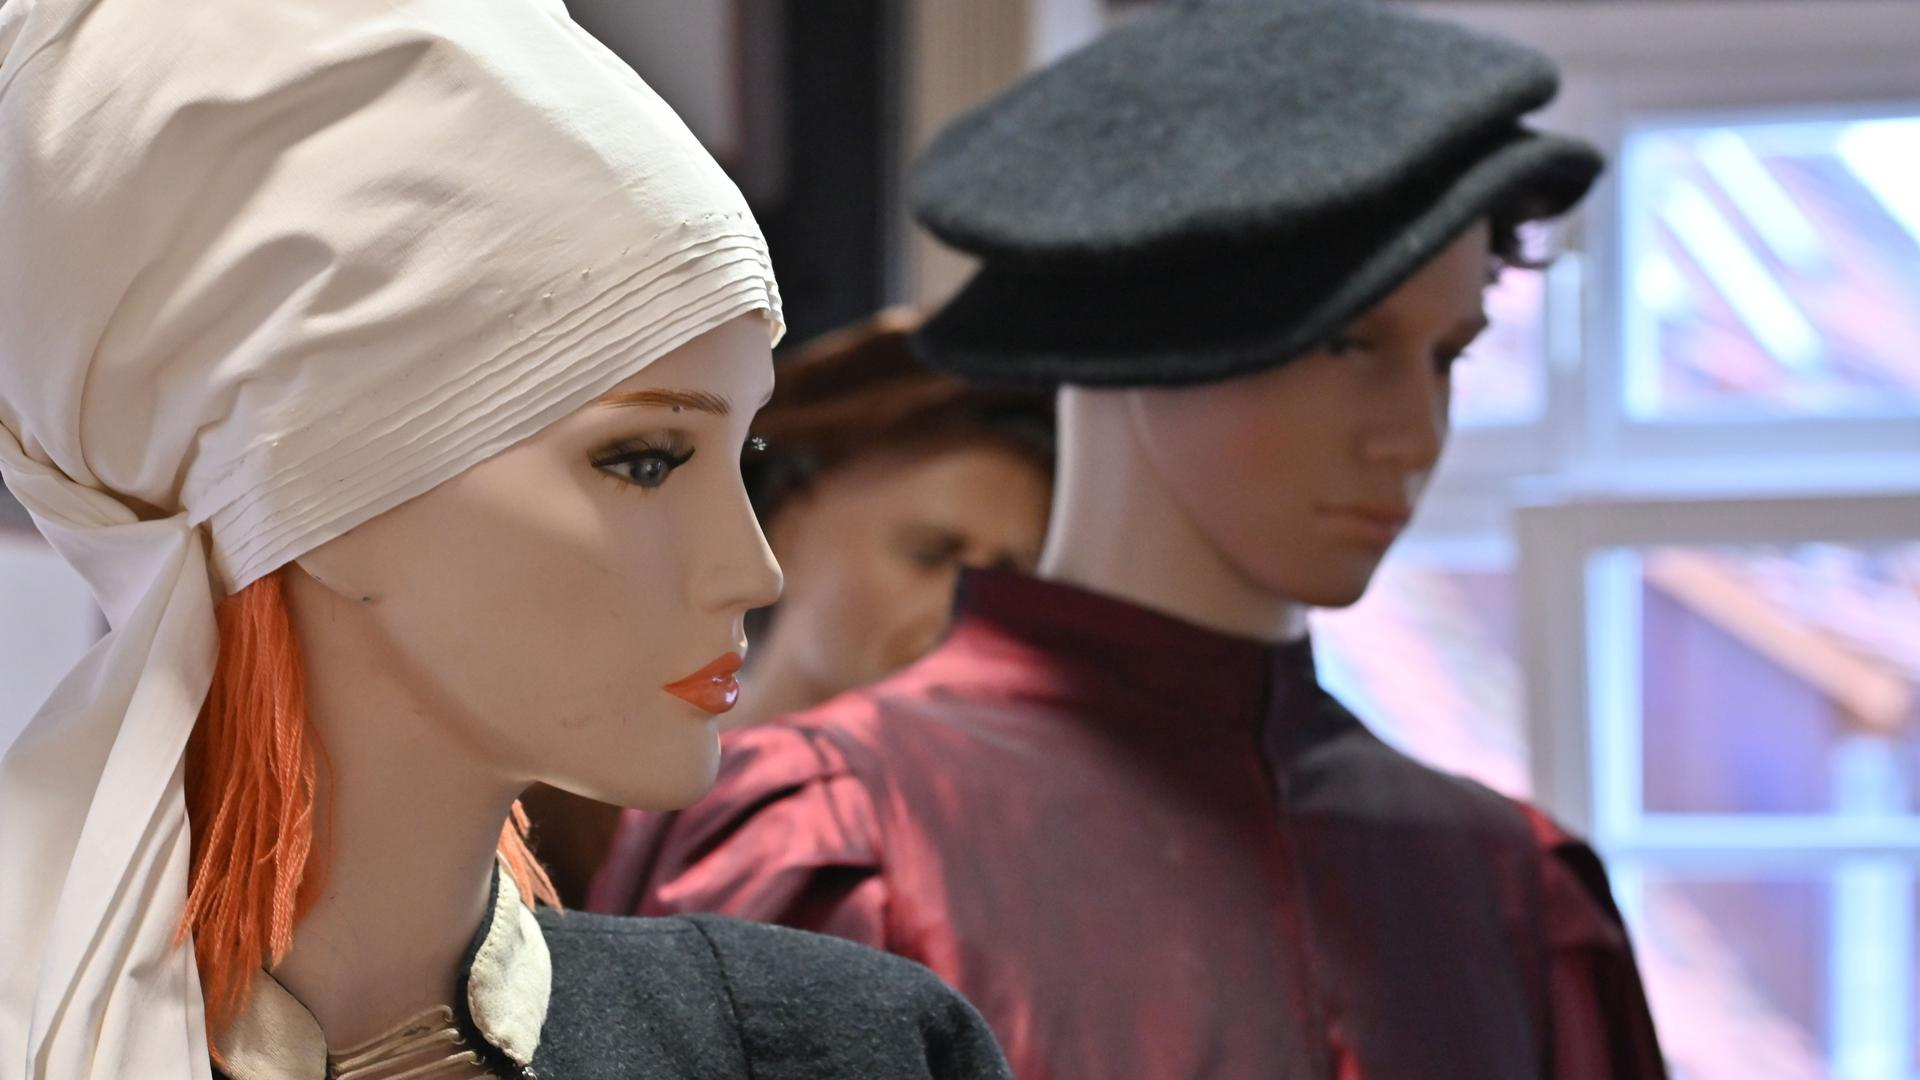 Historisch korrekt gekleidet: In Gewänder wie diese schlüpfen in Bretten beim Peter-und-Paul-Fest rund 3.000 Kostümierte.